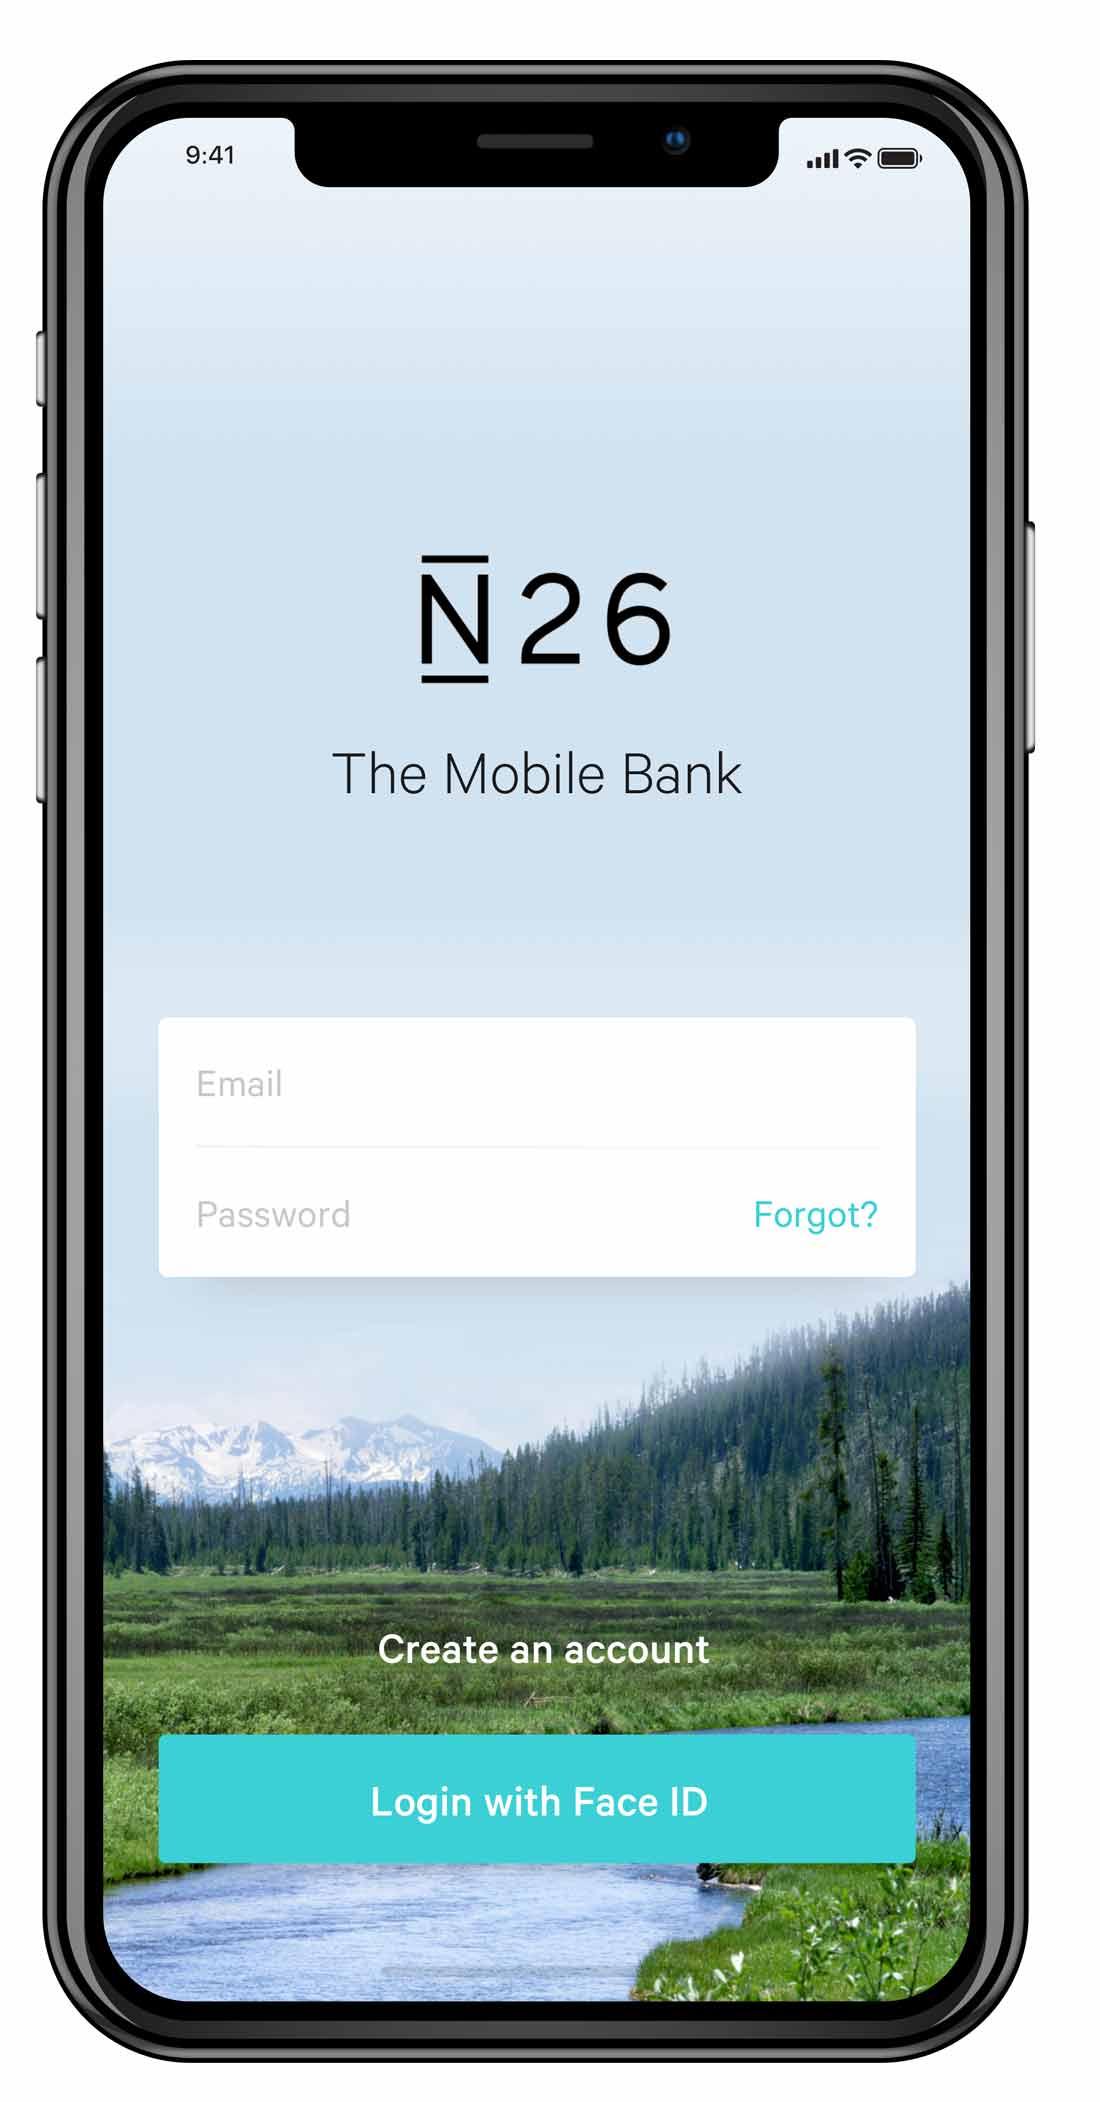 Die Banking-App N26 auf einem Smartphone mit Anweisungen in Englisch.